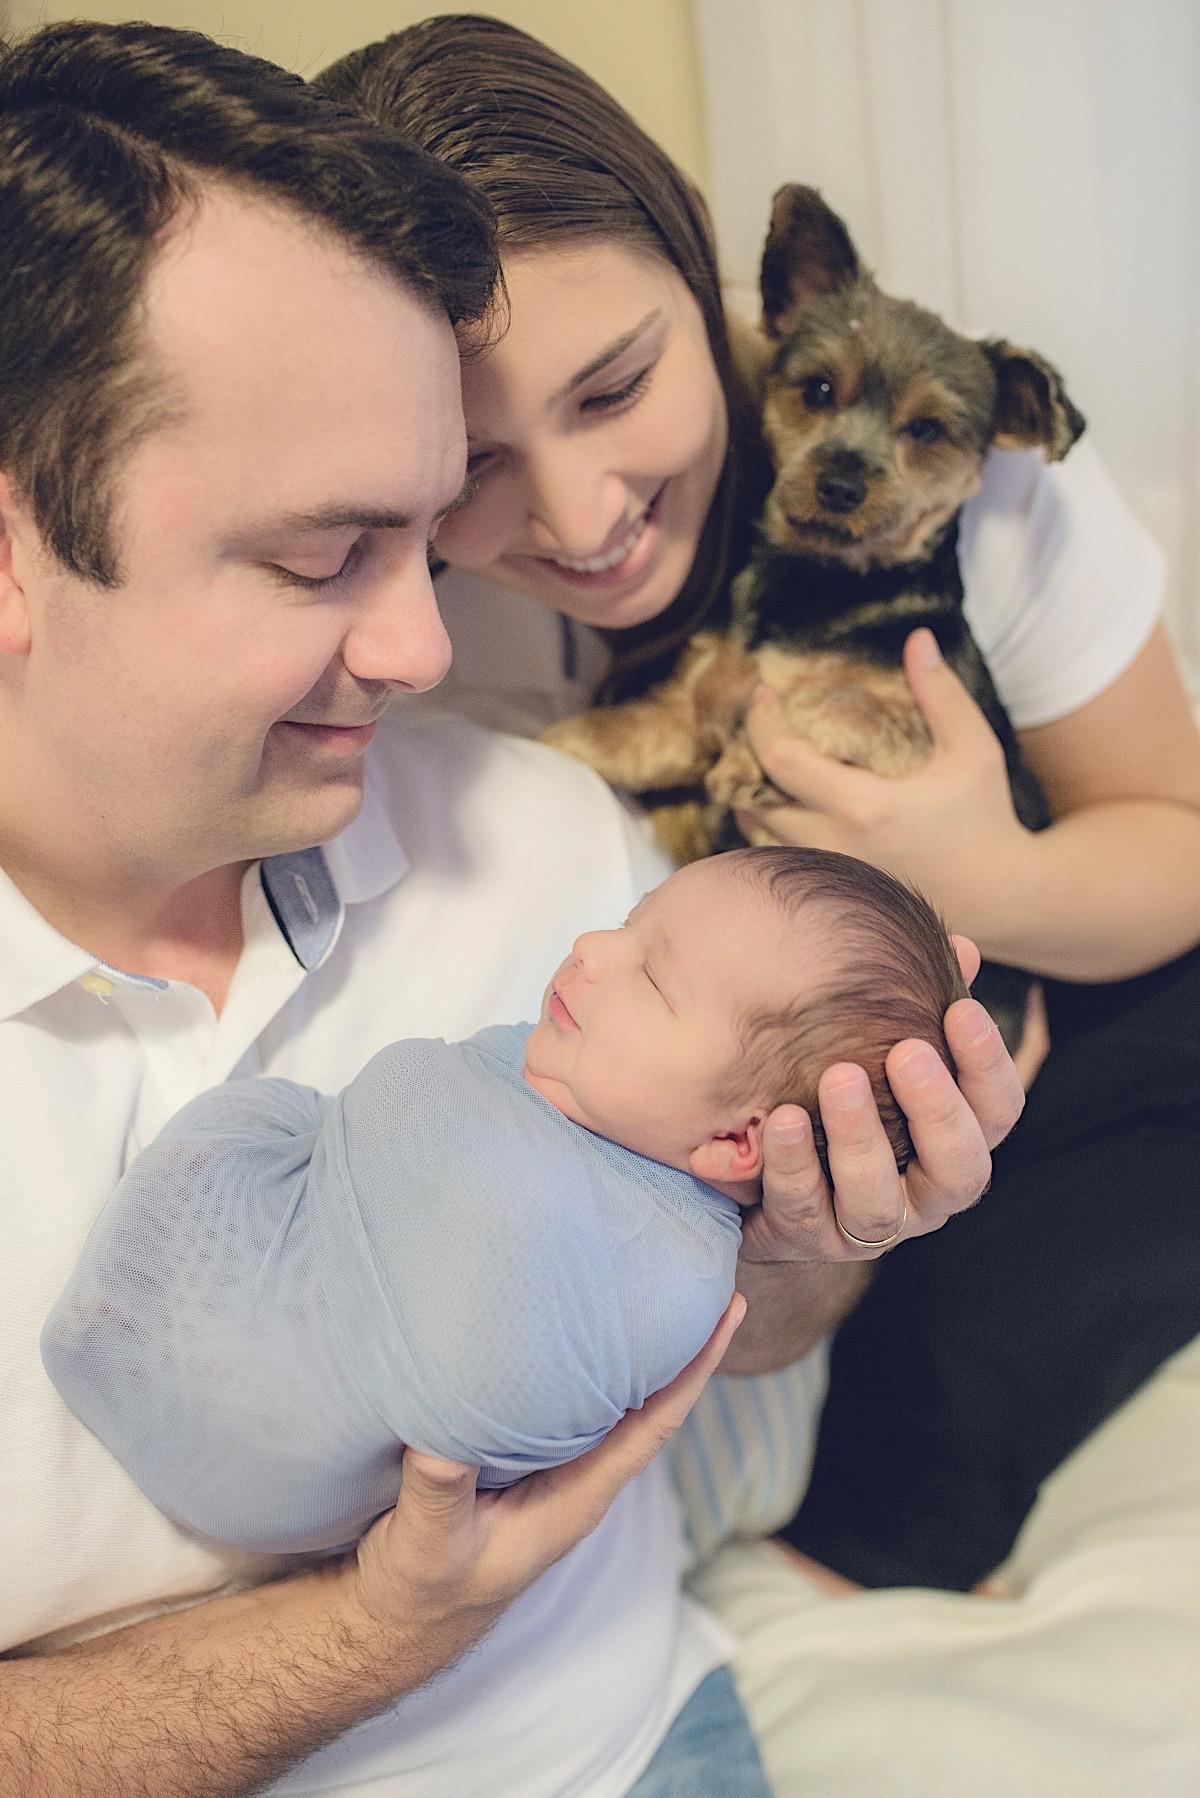 newborn - joão carlos - mãe de menino - recém nascido - fotógrafo brusque - chroma fotografia - newborn em casa